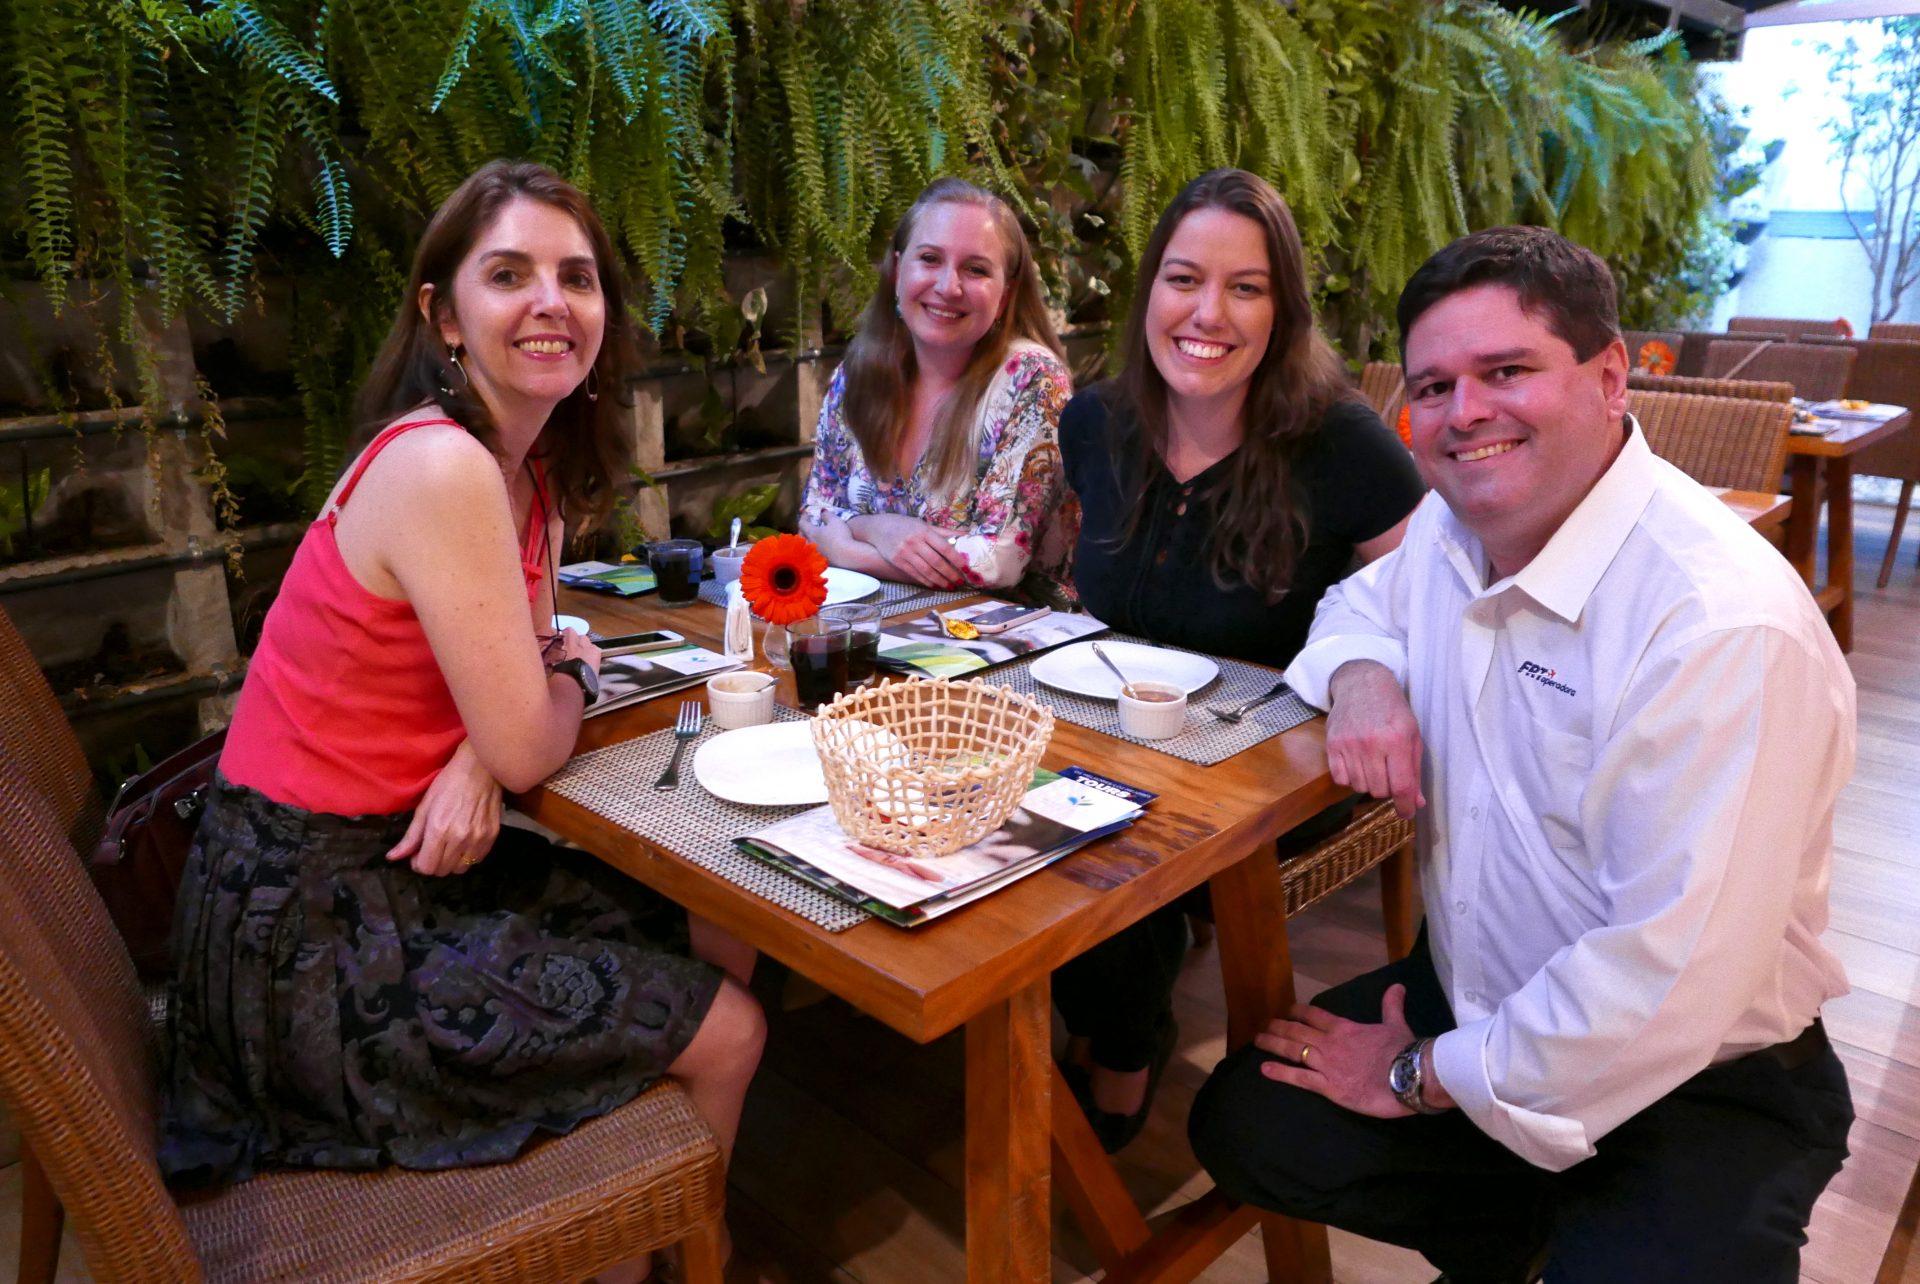 Valéria Linhares, da Gaiatur; Ana Luisa Nascimento, da Asas Turismo; Michelle Moraes, da Atos; e Rodrigo Oliveira, da FRT